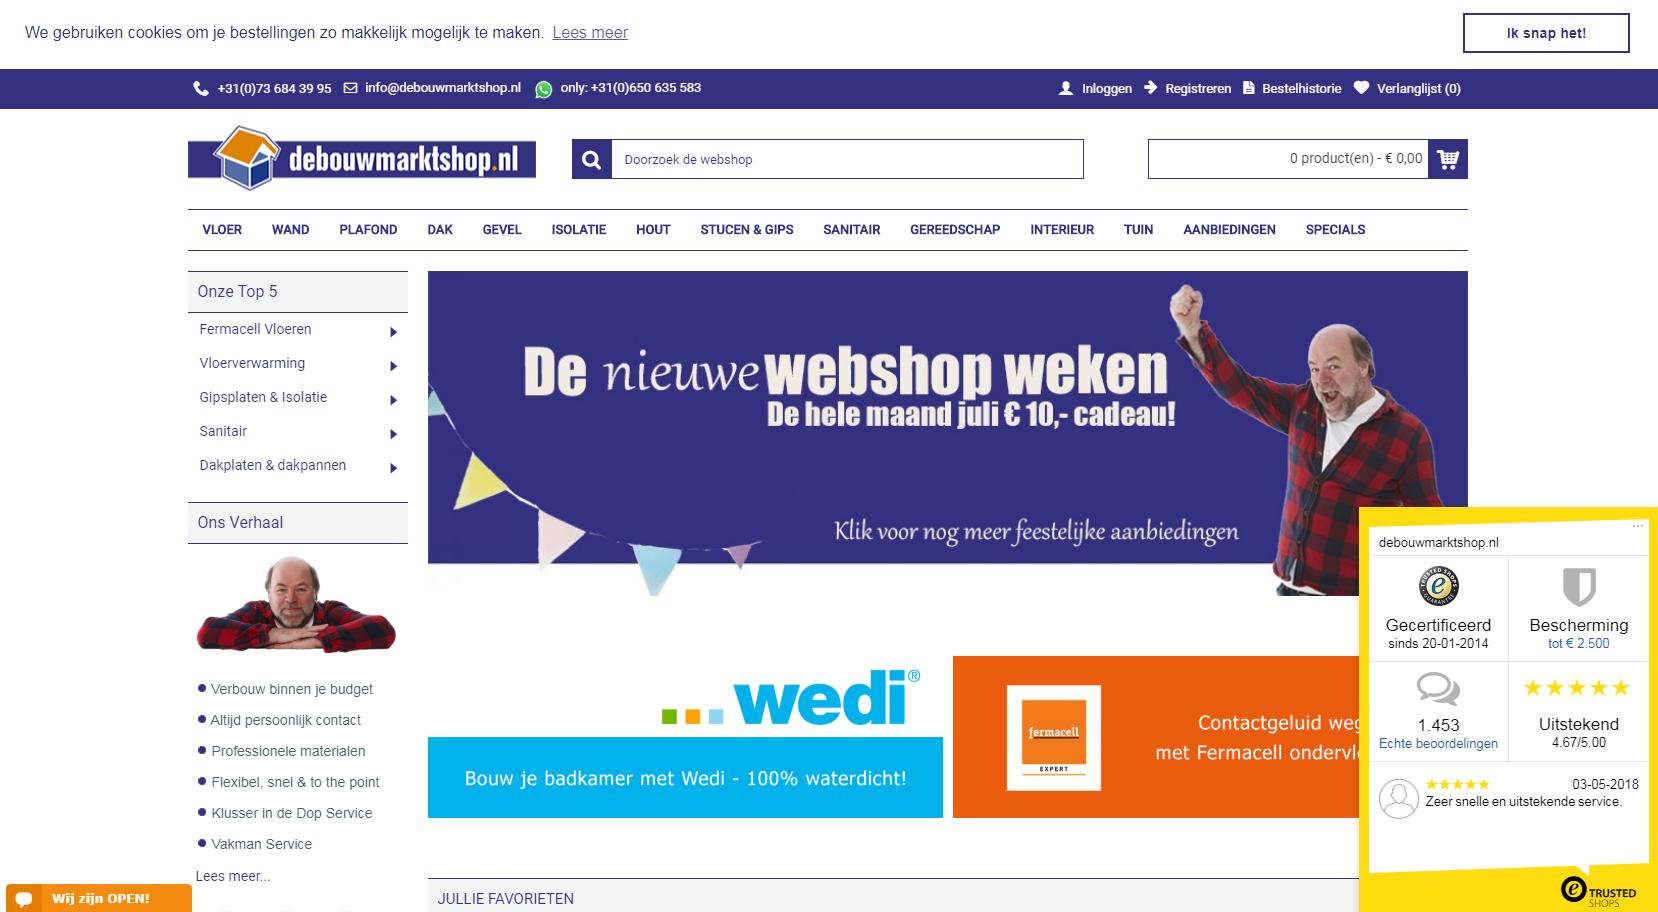 webshop van bouwmarktshop.nl